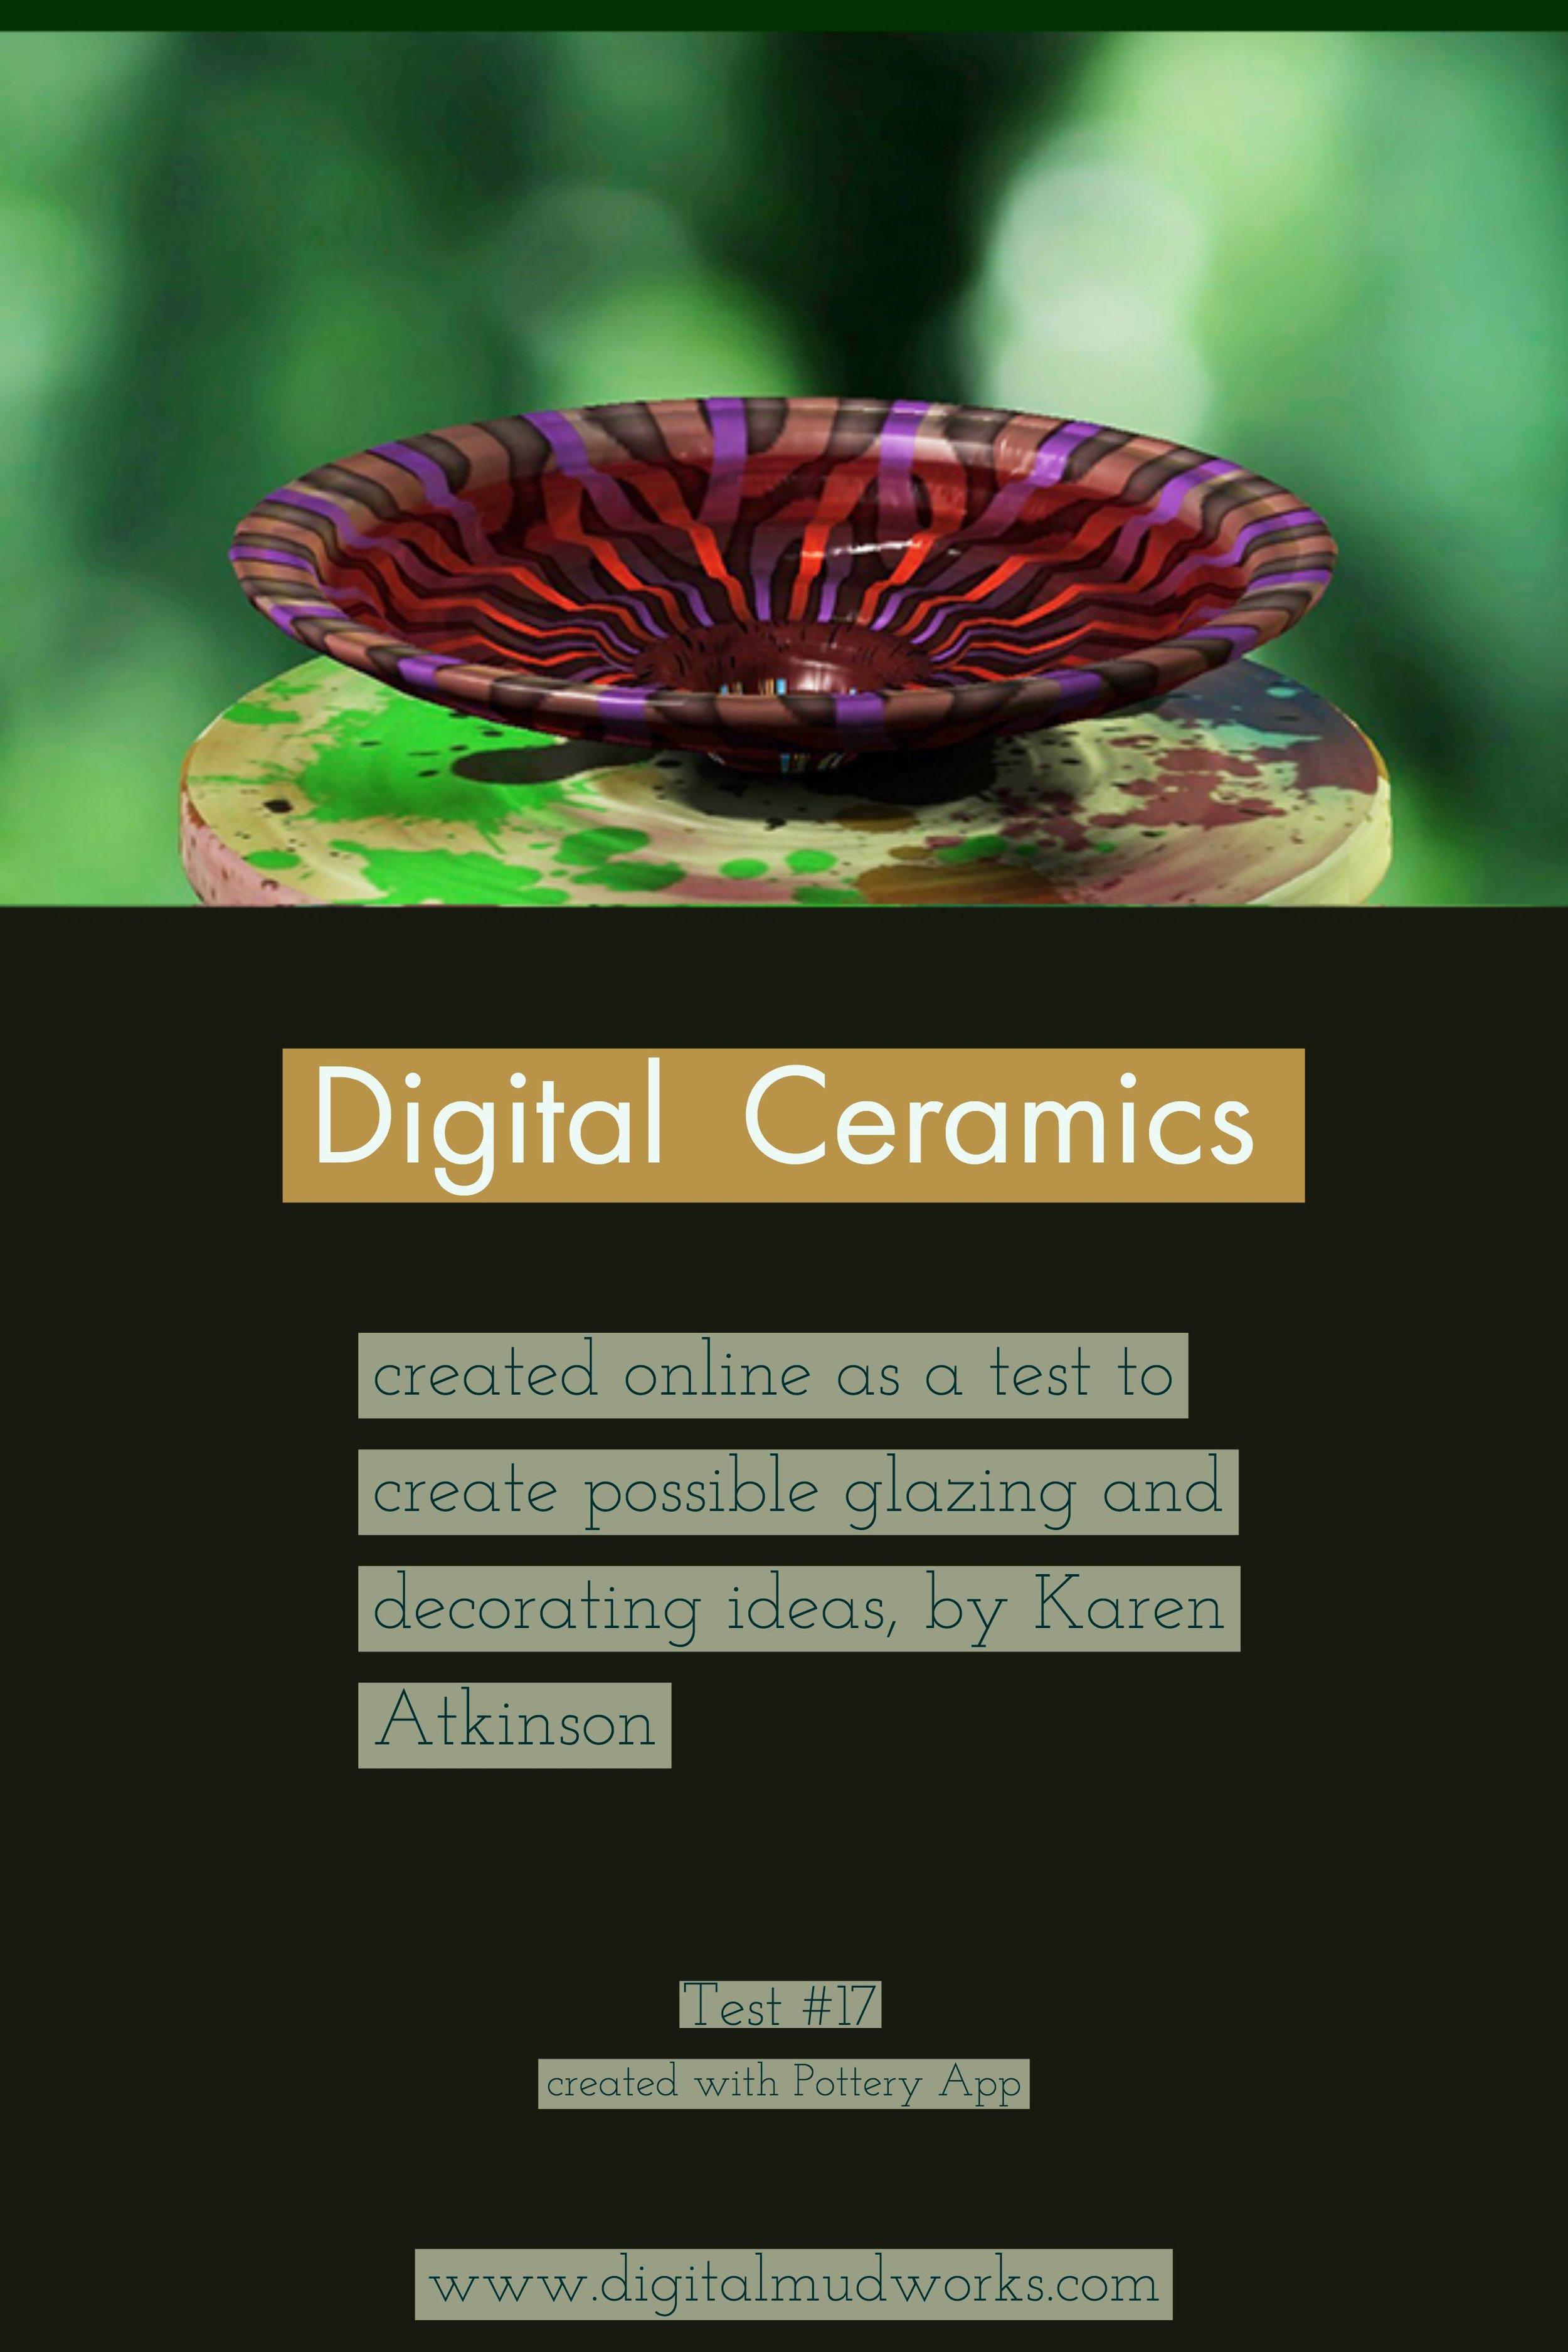 Digital Ceramics Test 017, using a computer app to do glaze and design tests. by Karen Atkinson